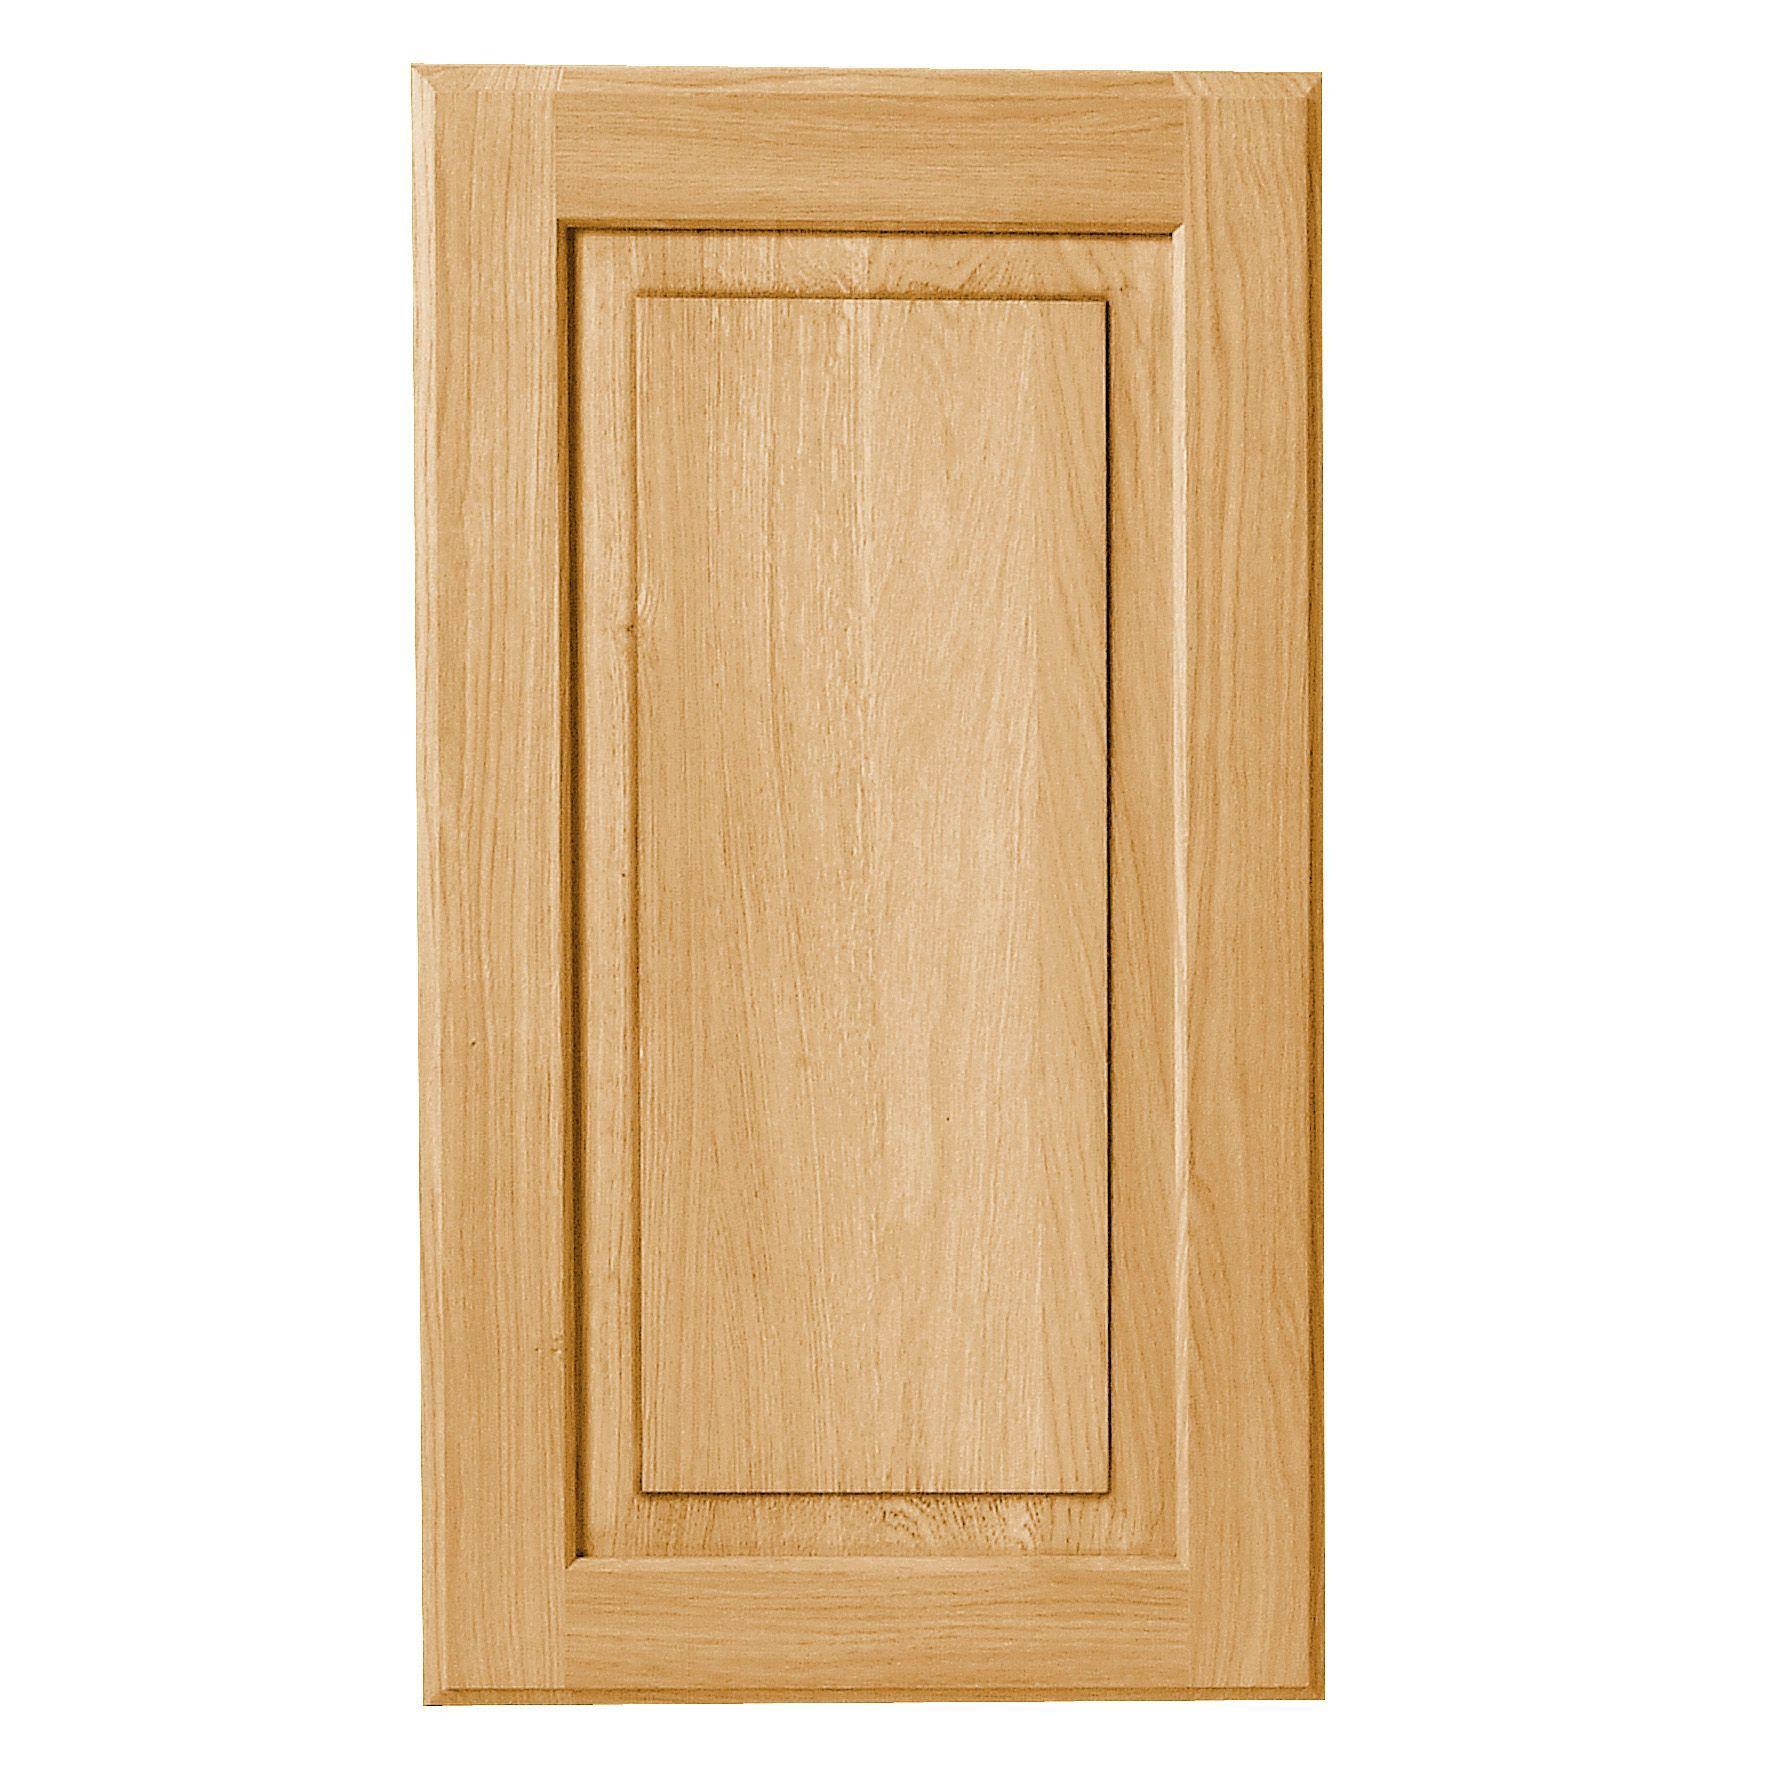 B Q Kitchen Cabinet Doors: Cooke & Lewis Chesterton Solid Oak Classic Standard Door